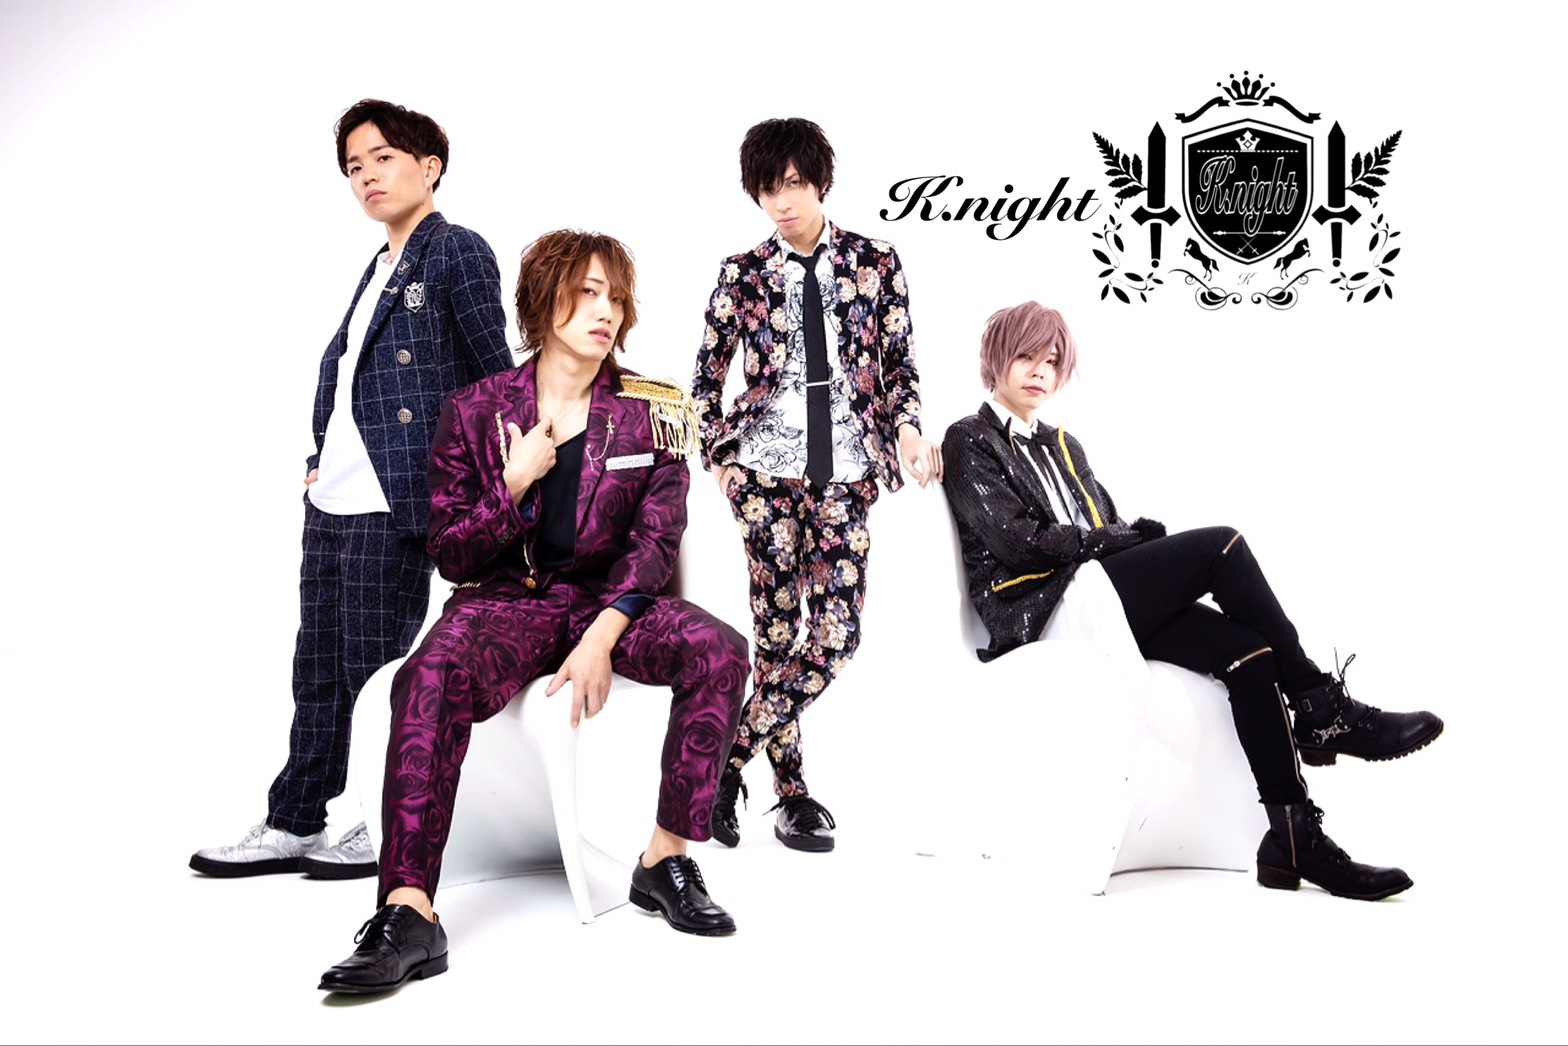 K.night~一夜限りのオンラインスペシャルライブ~ ビデオ通話特典会